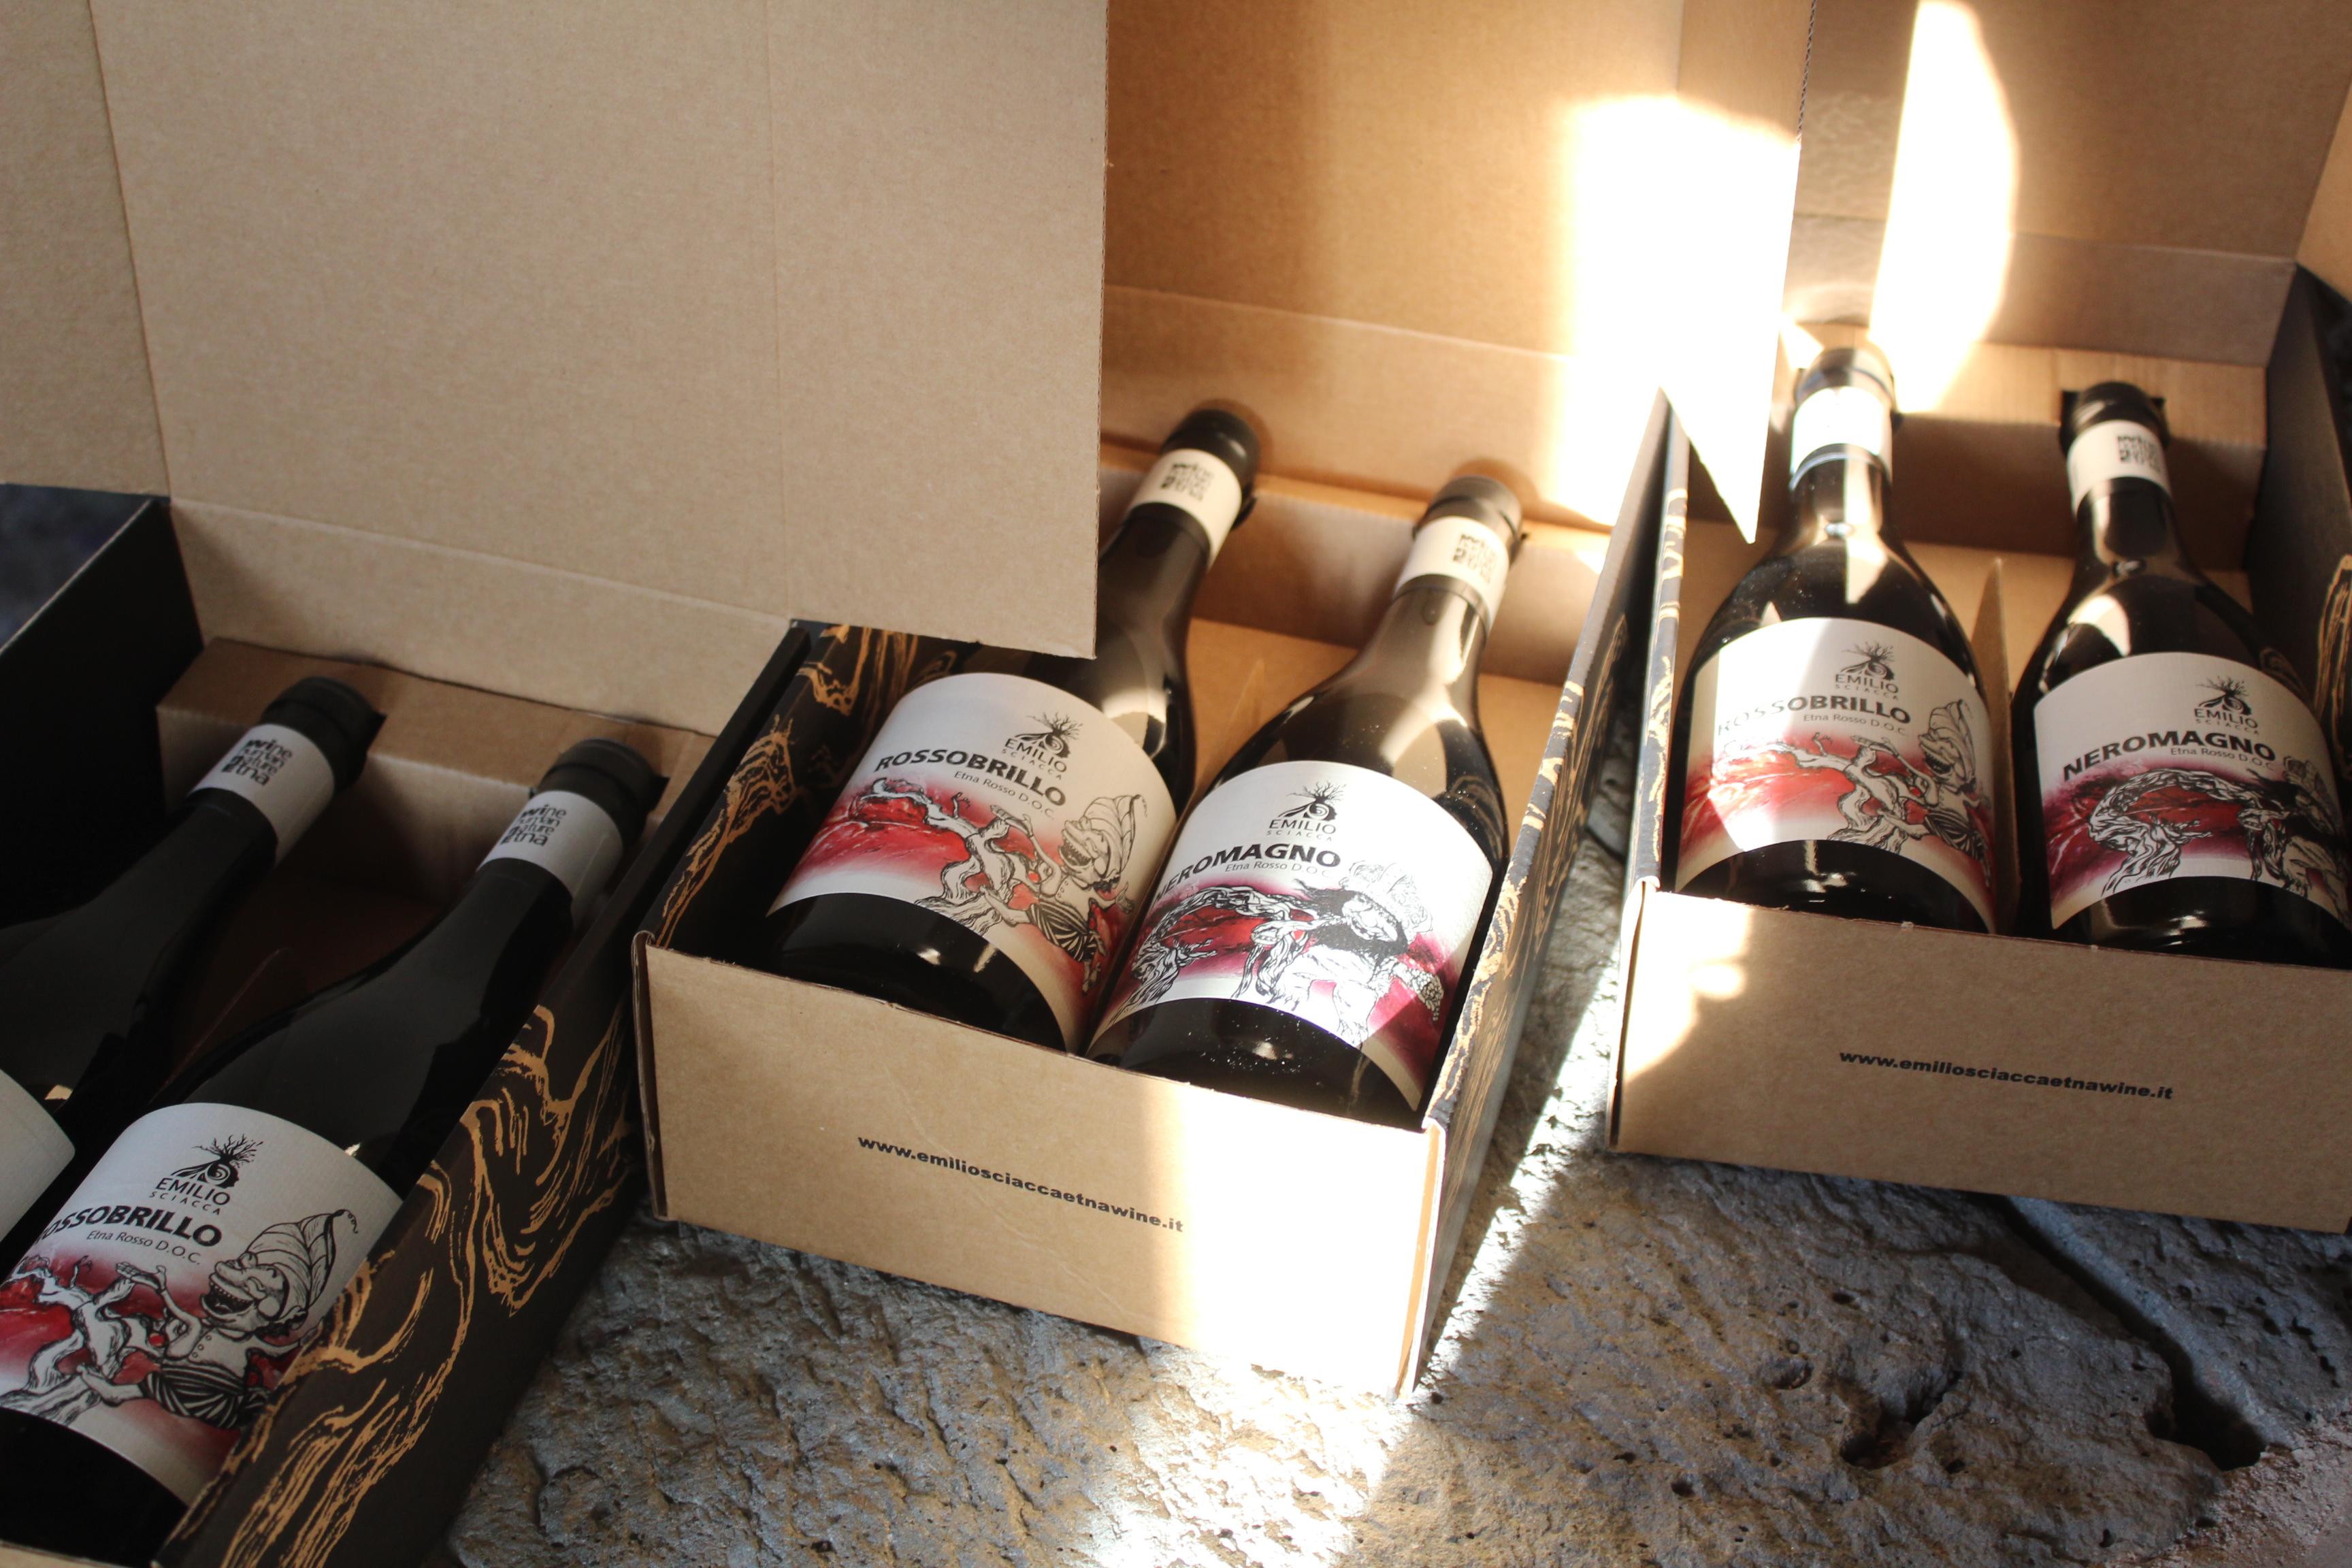 vini emilio sciacca etna wine